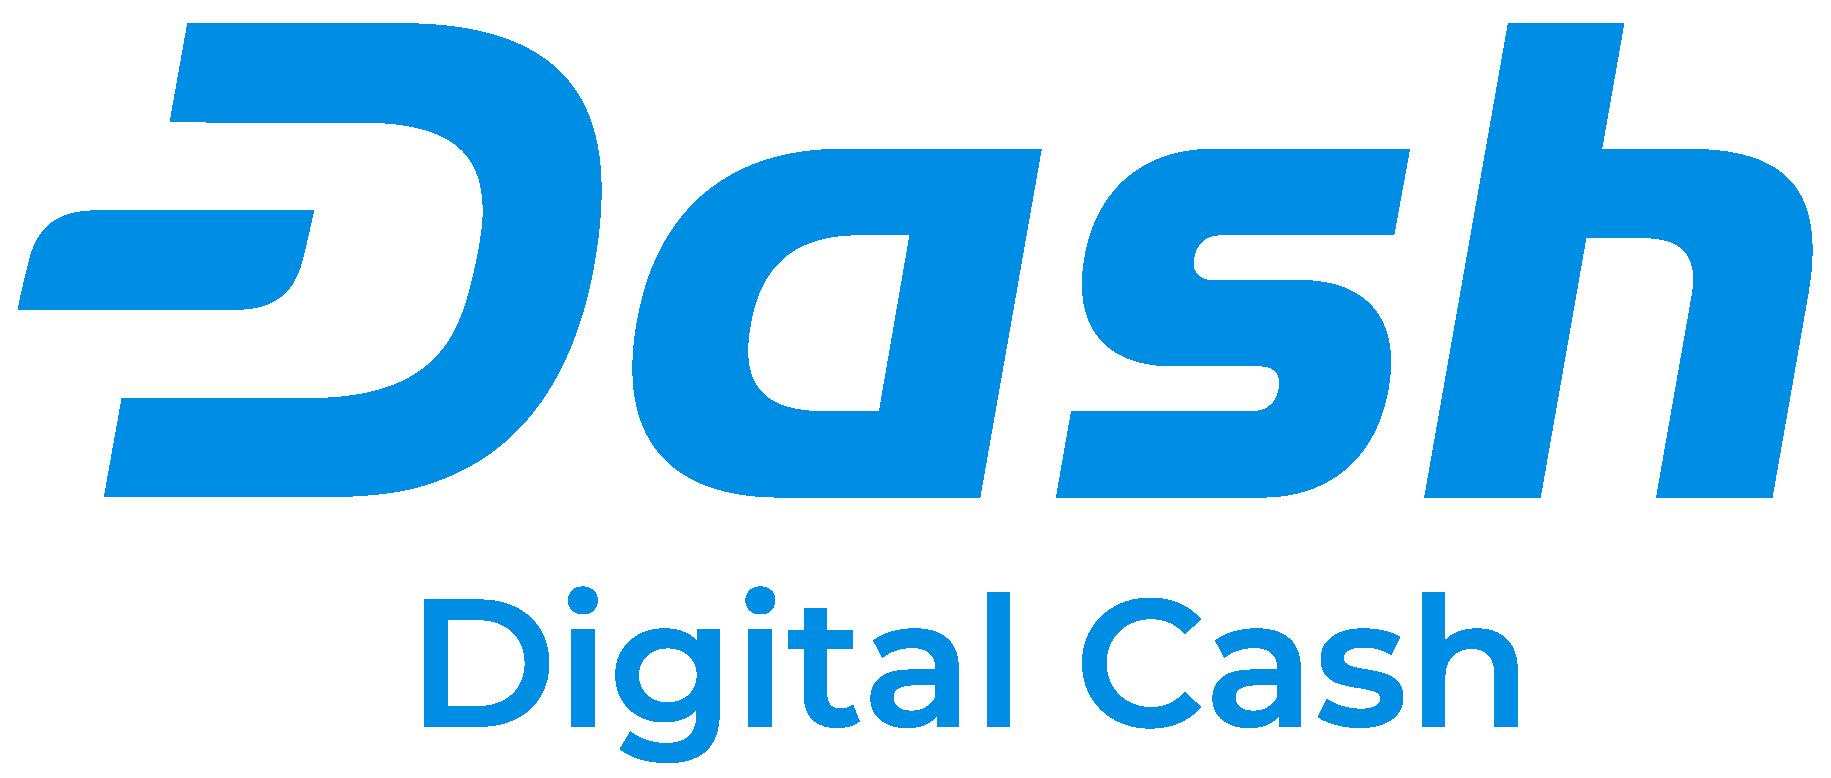 Kompletni vodič kroz DASH kriptovalutu- logo